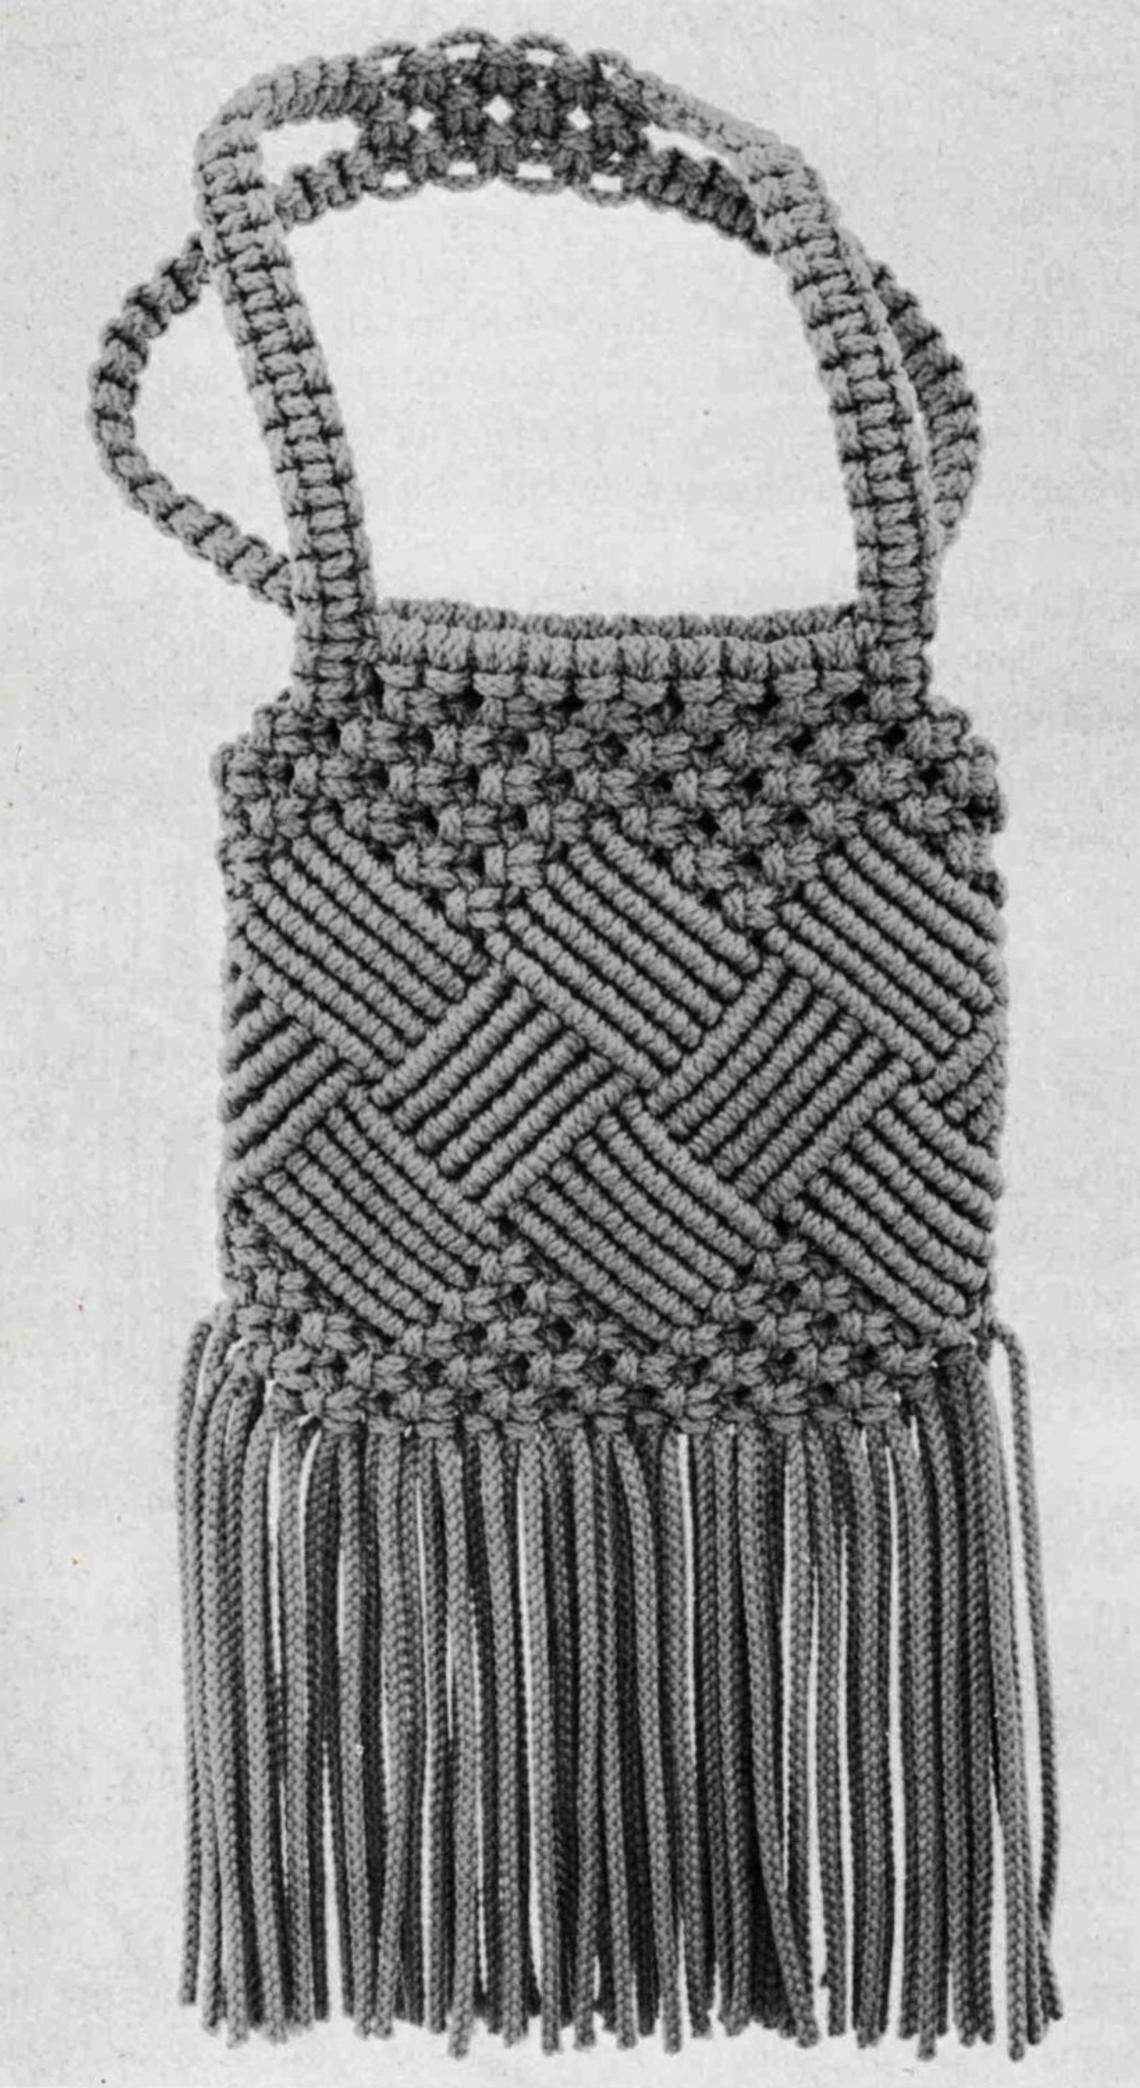 Macrame Shoulder Bag … Macrame Handbag and Key Ring … Ladies Accessories … Vintage PDF Pattern … Ladies Purse … Digital Download